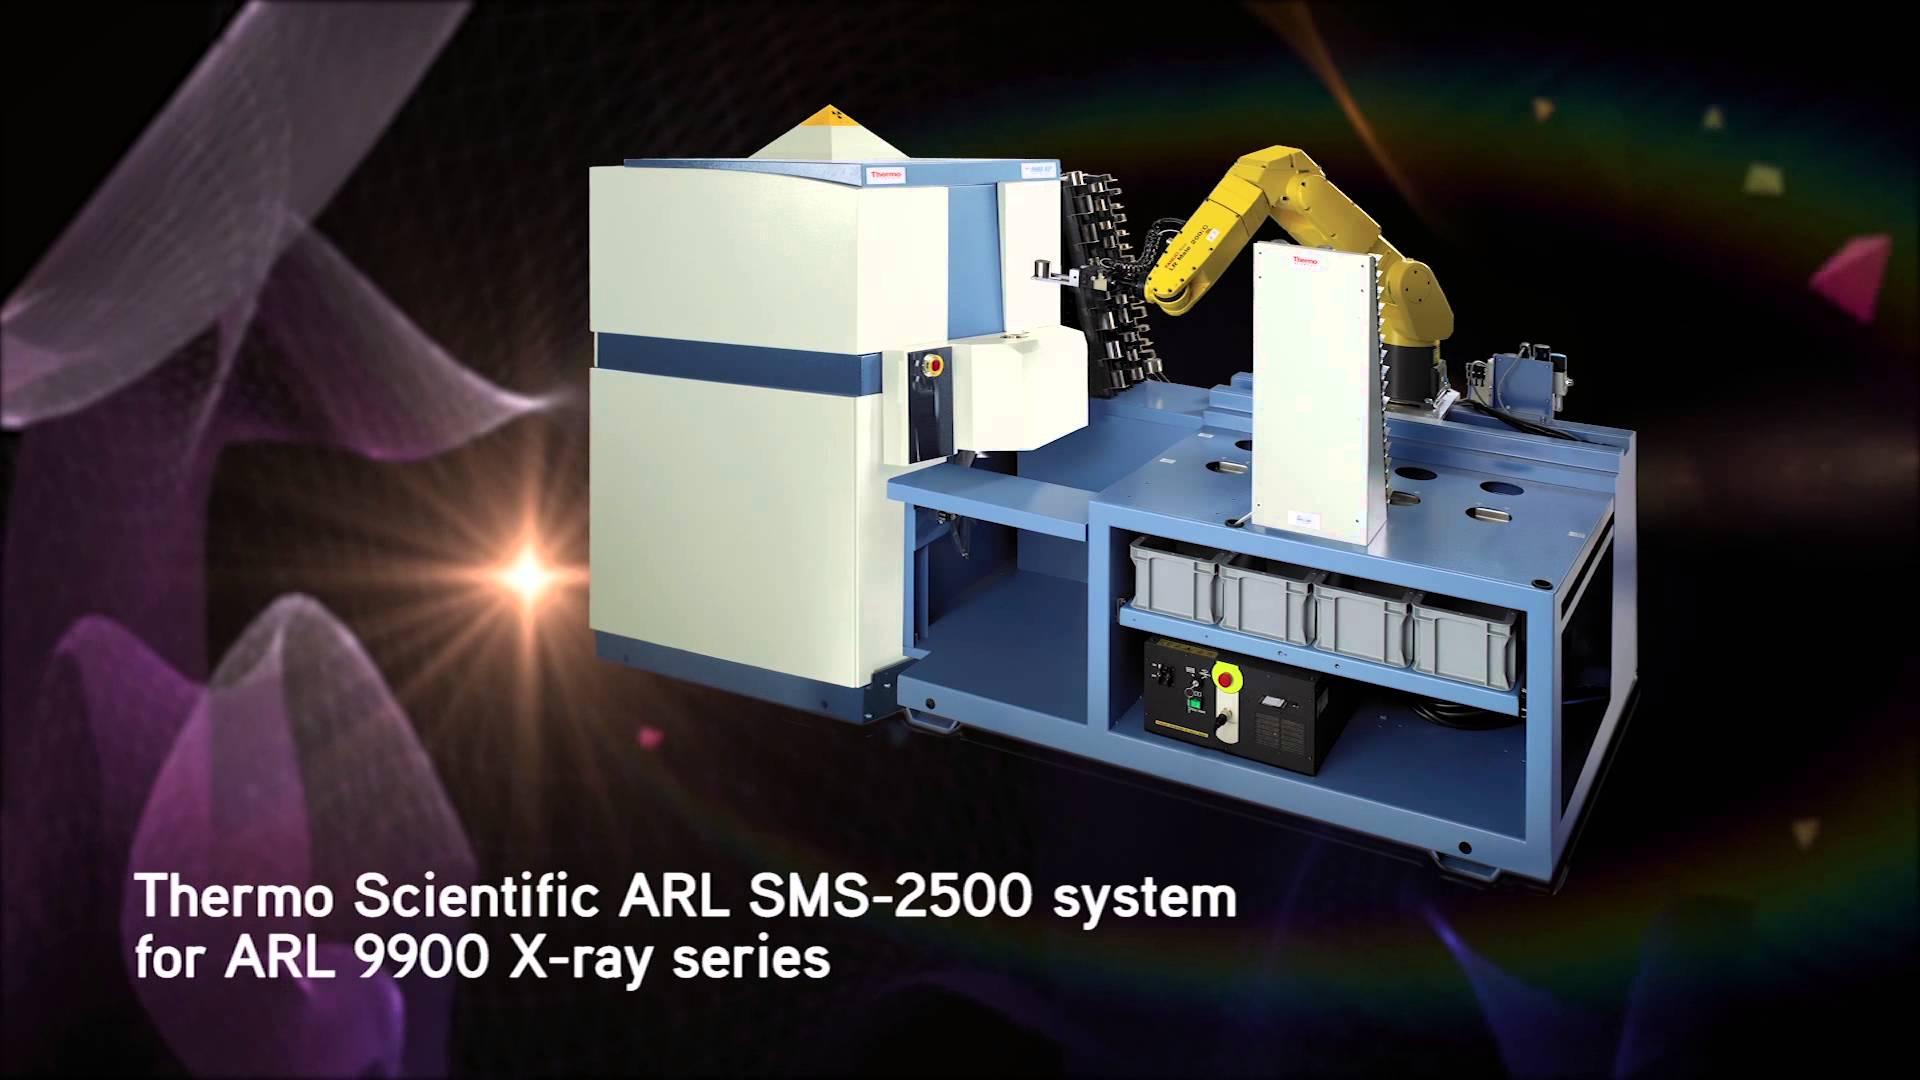 ARL-9900